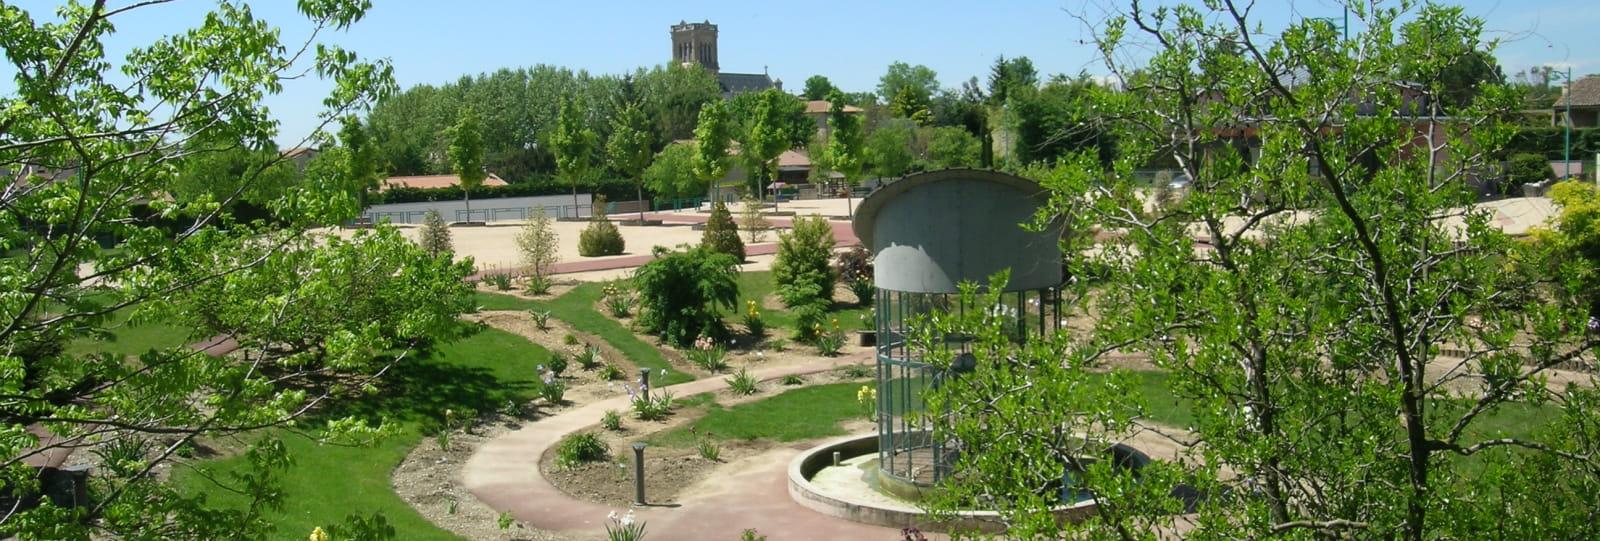 Le Jardin Sémaphore